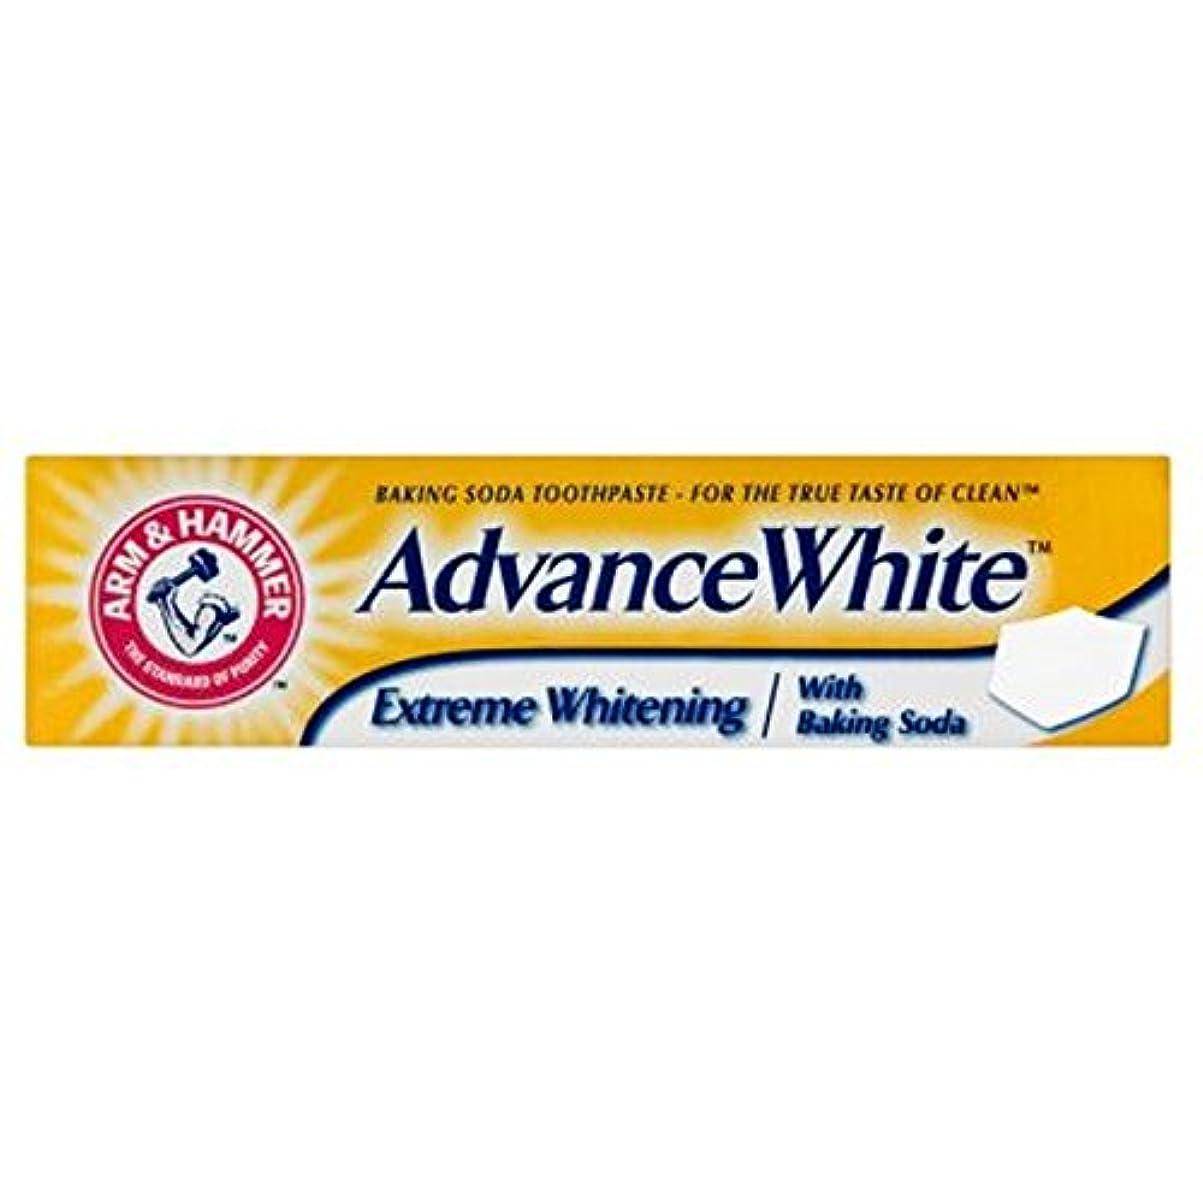 スタイルワックス悩み重曹歯磨き粉75ミリリットルをホワイトニングアーム&ハンマー事前白極端 (Arm & Hammer) (x2) - Arm & Hammer Advance White Extreme Whitening Baking...